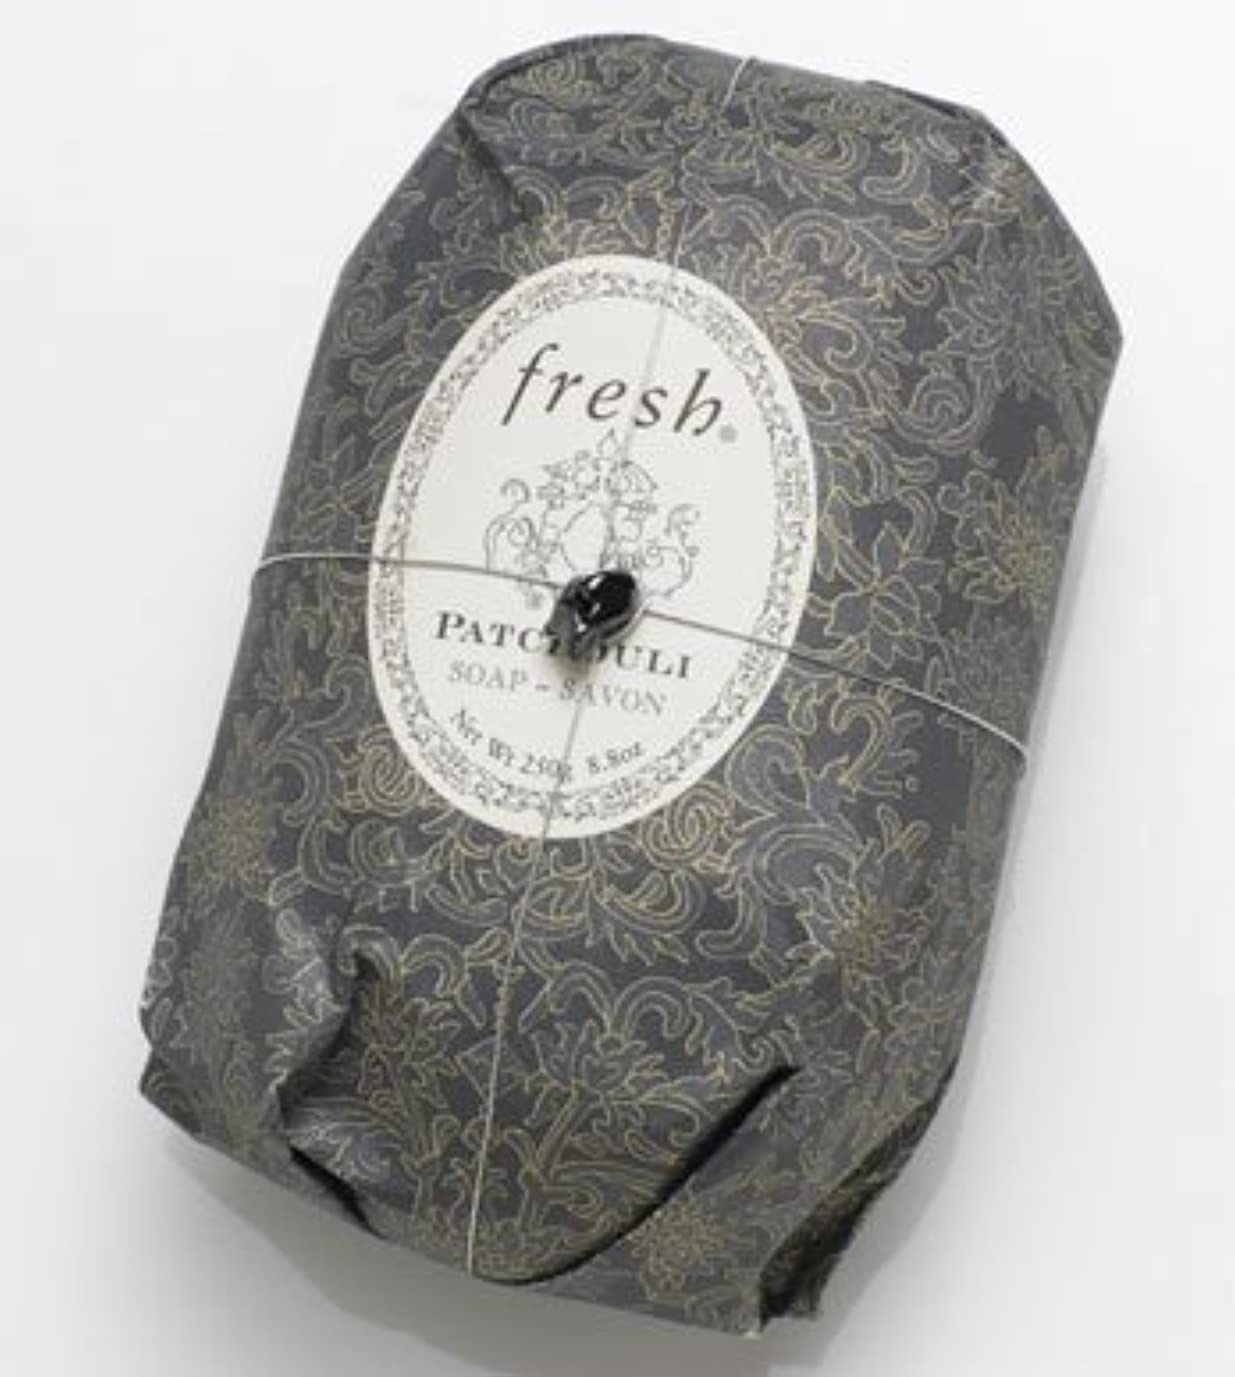 アクセスできないデンマーク穿孔するFresh PATCHOULI SOAP (フレッシュ パチョリ ソープ) 8.8 oz (250g) Soap (石鹸) by Fresh